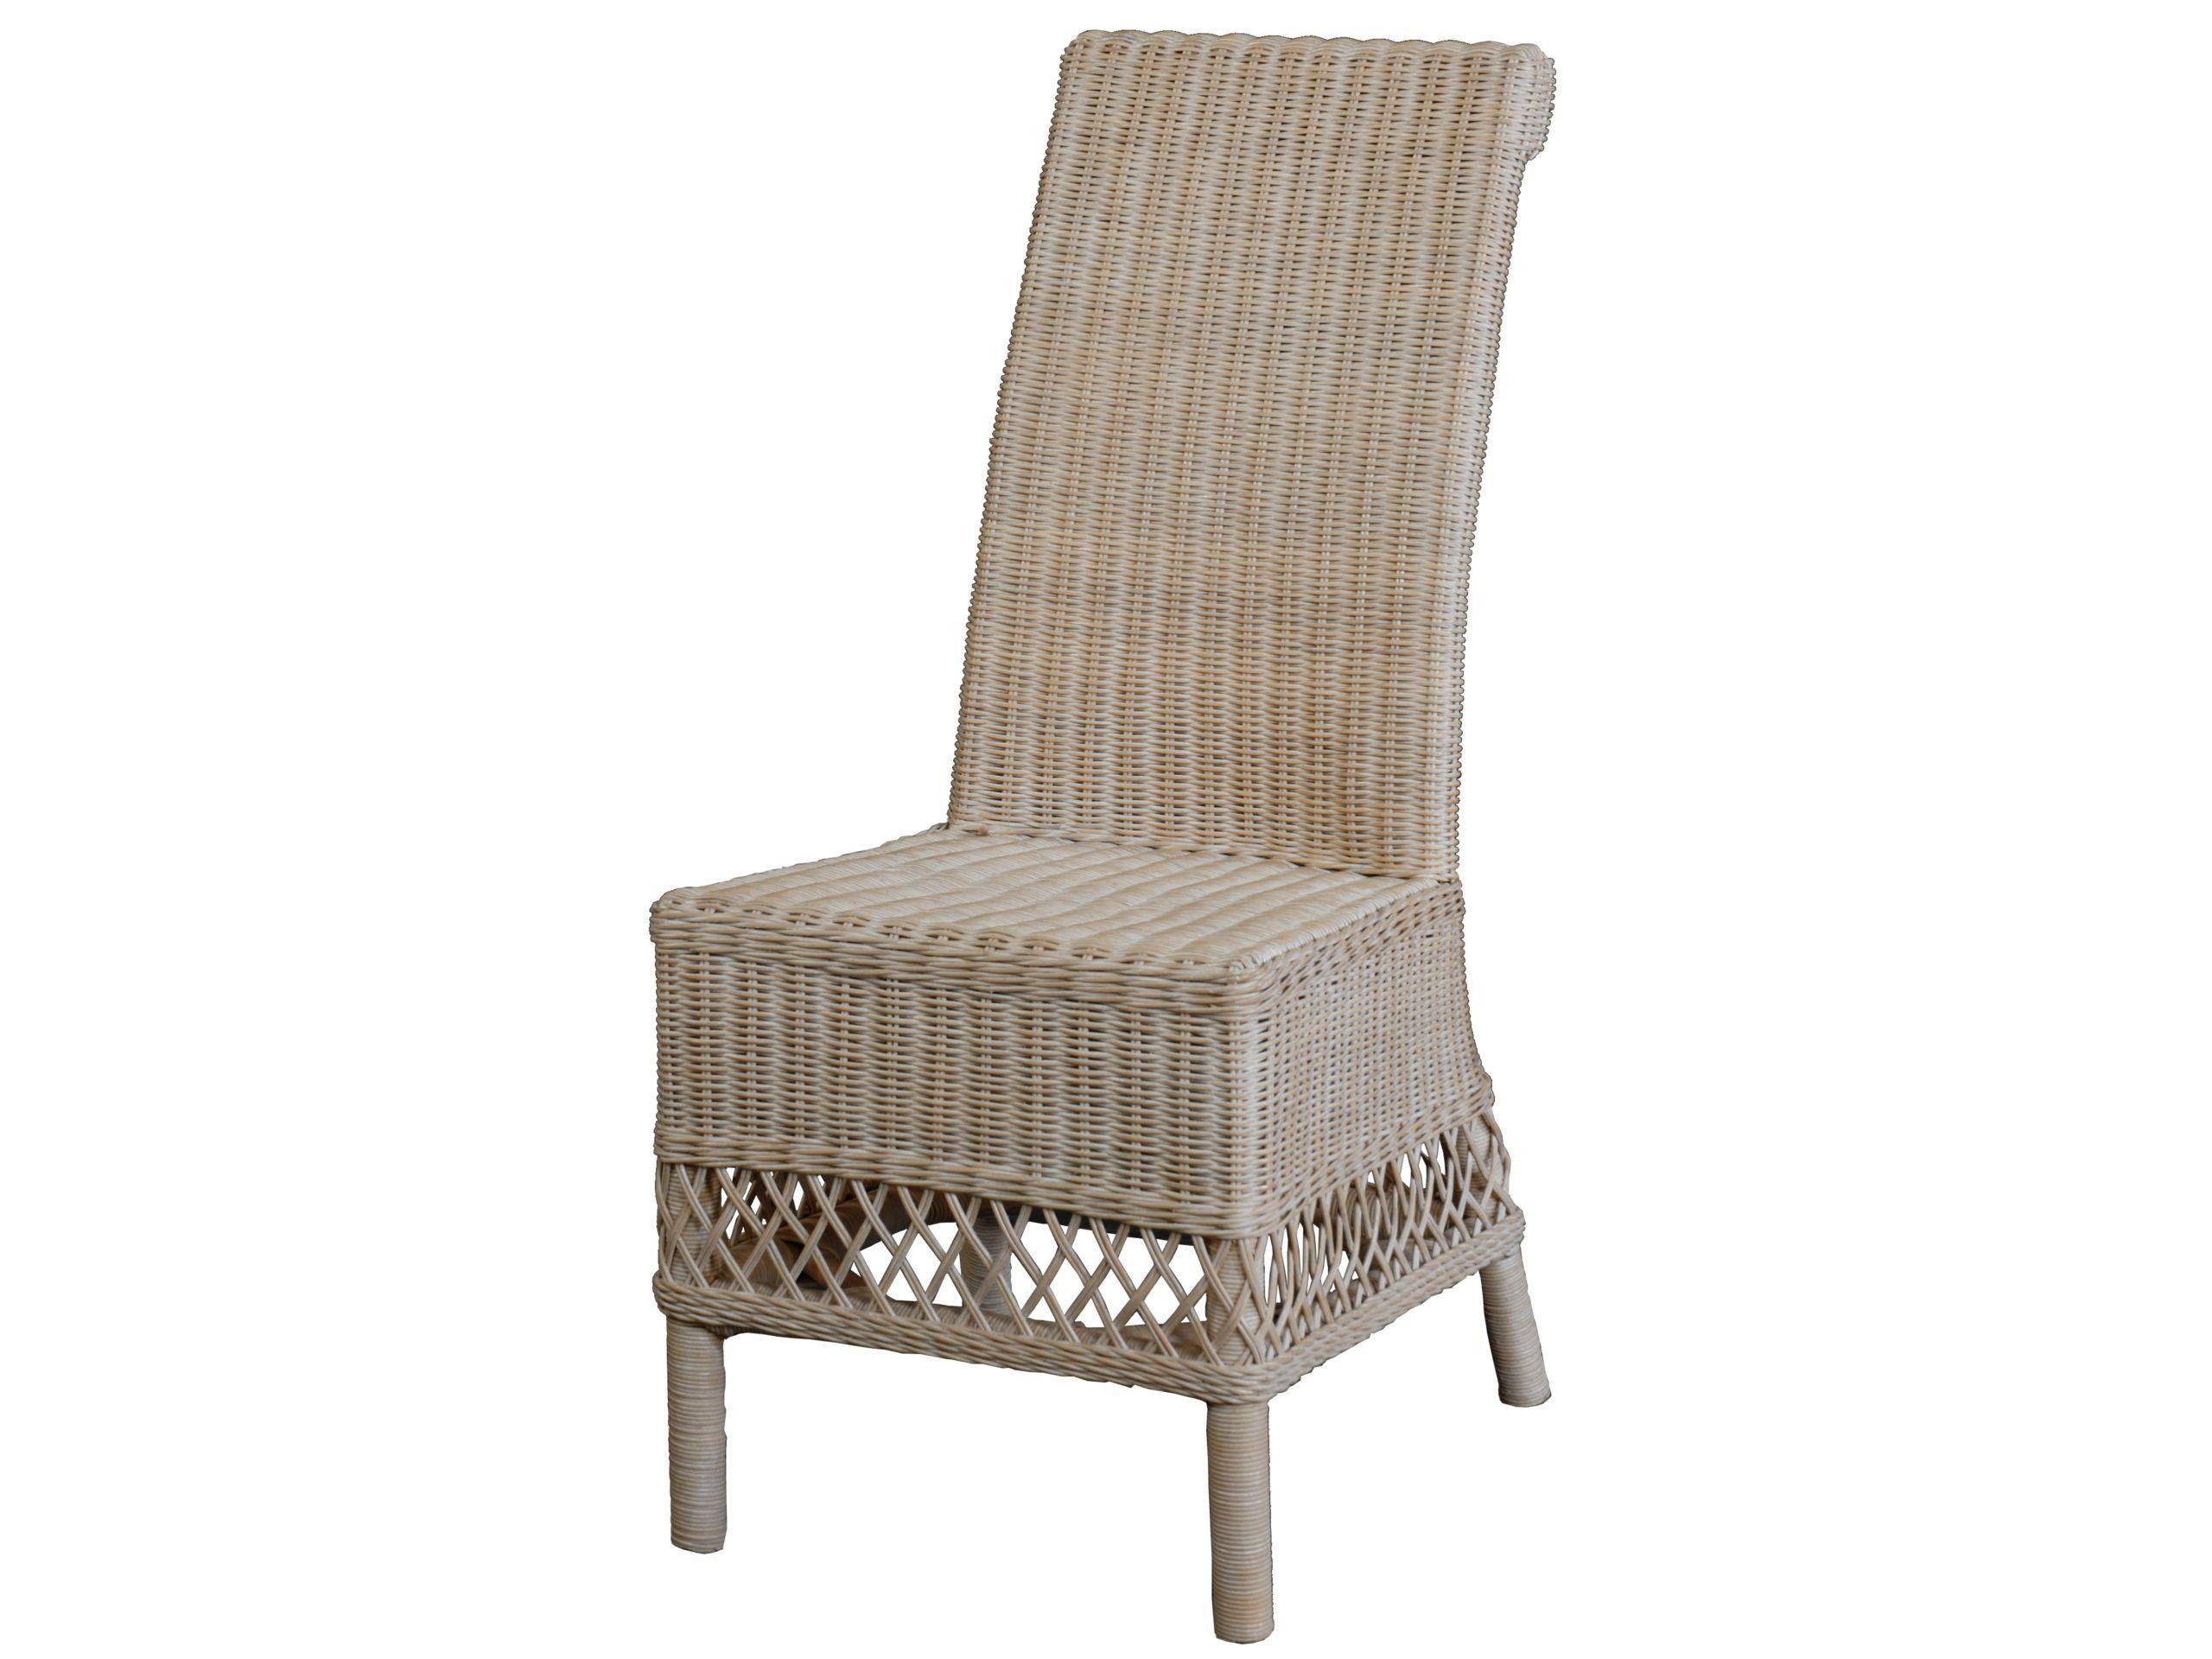 Esszimmerstuhl Luis Vintage Weiss | Esszimmerstühle aus Rattan und ...